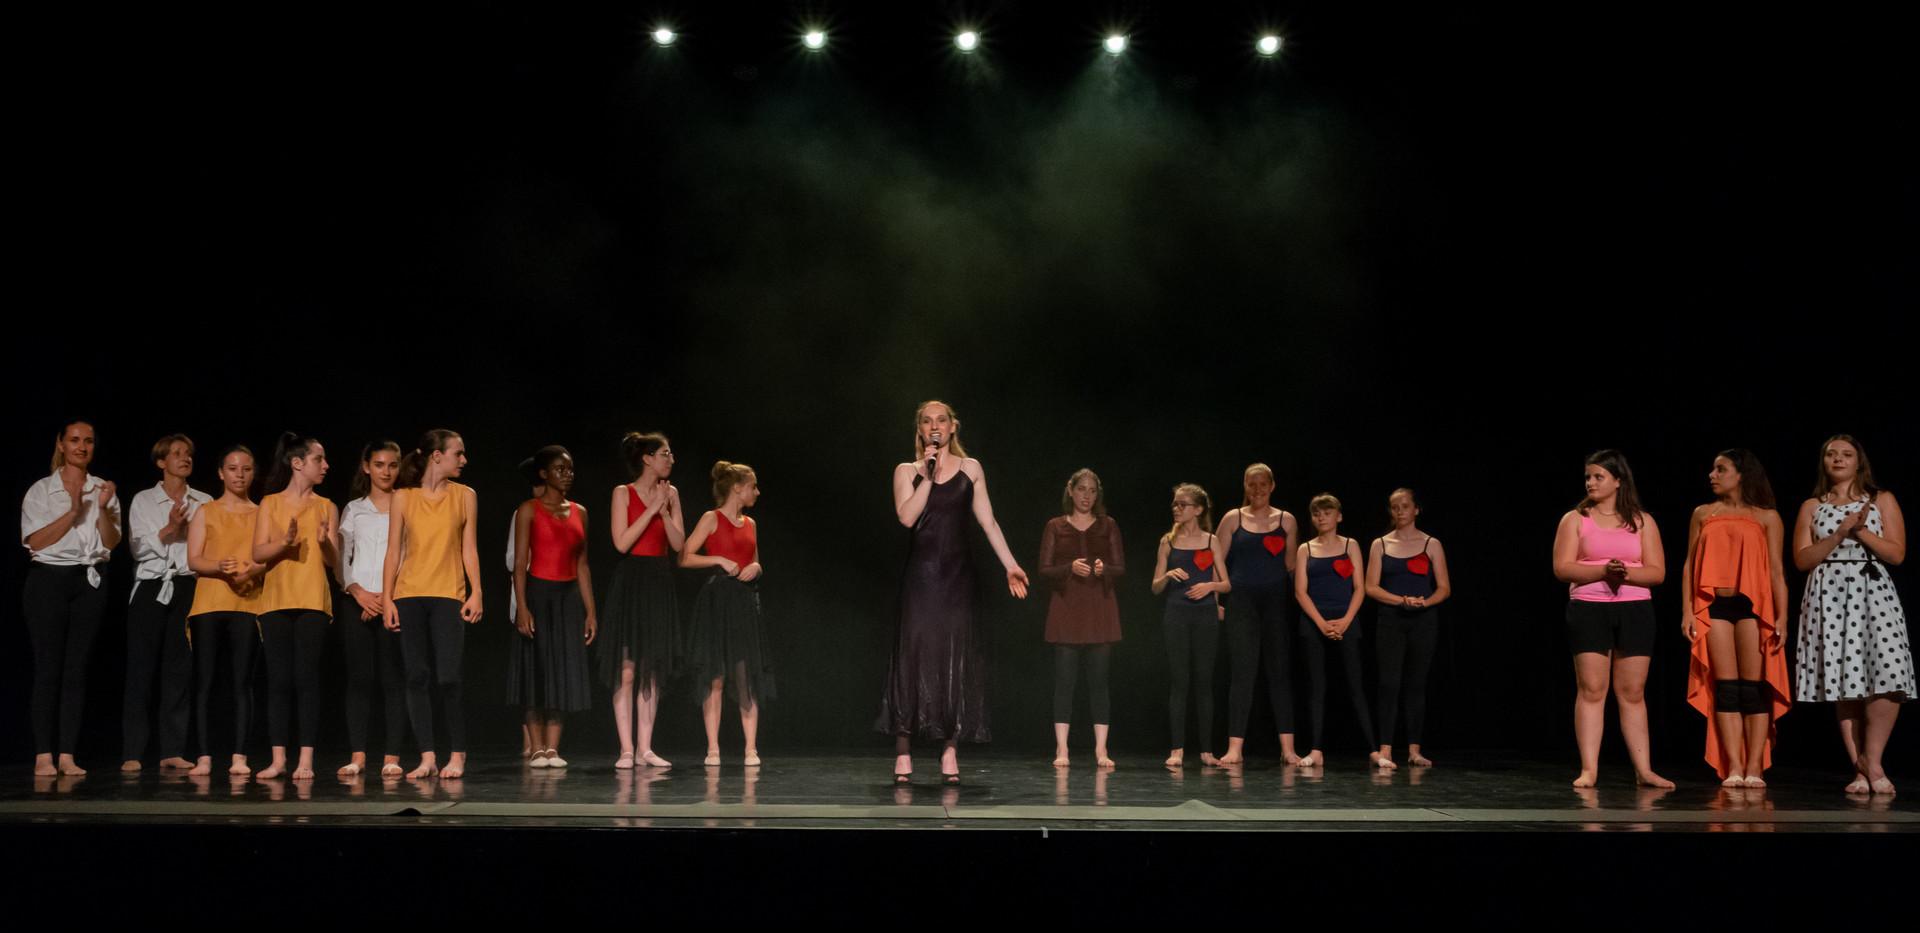 Gala_de_danse-118.jpg